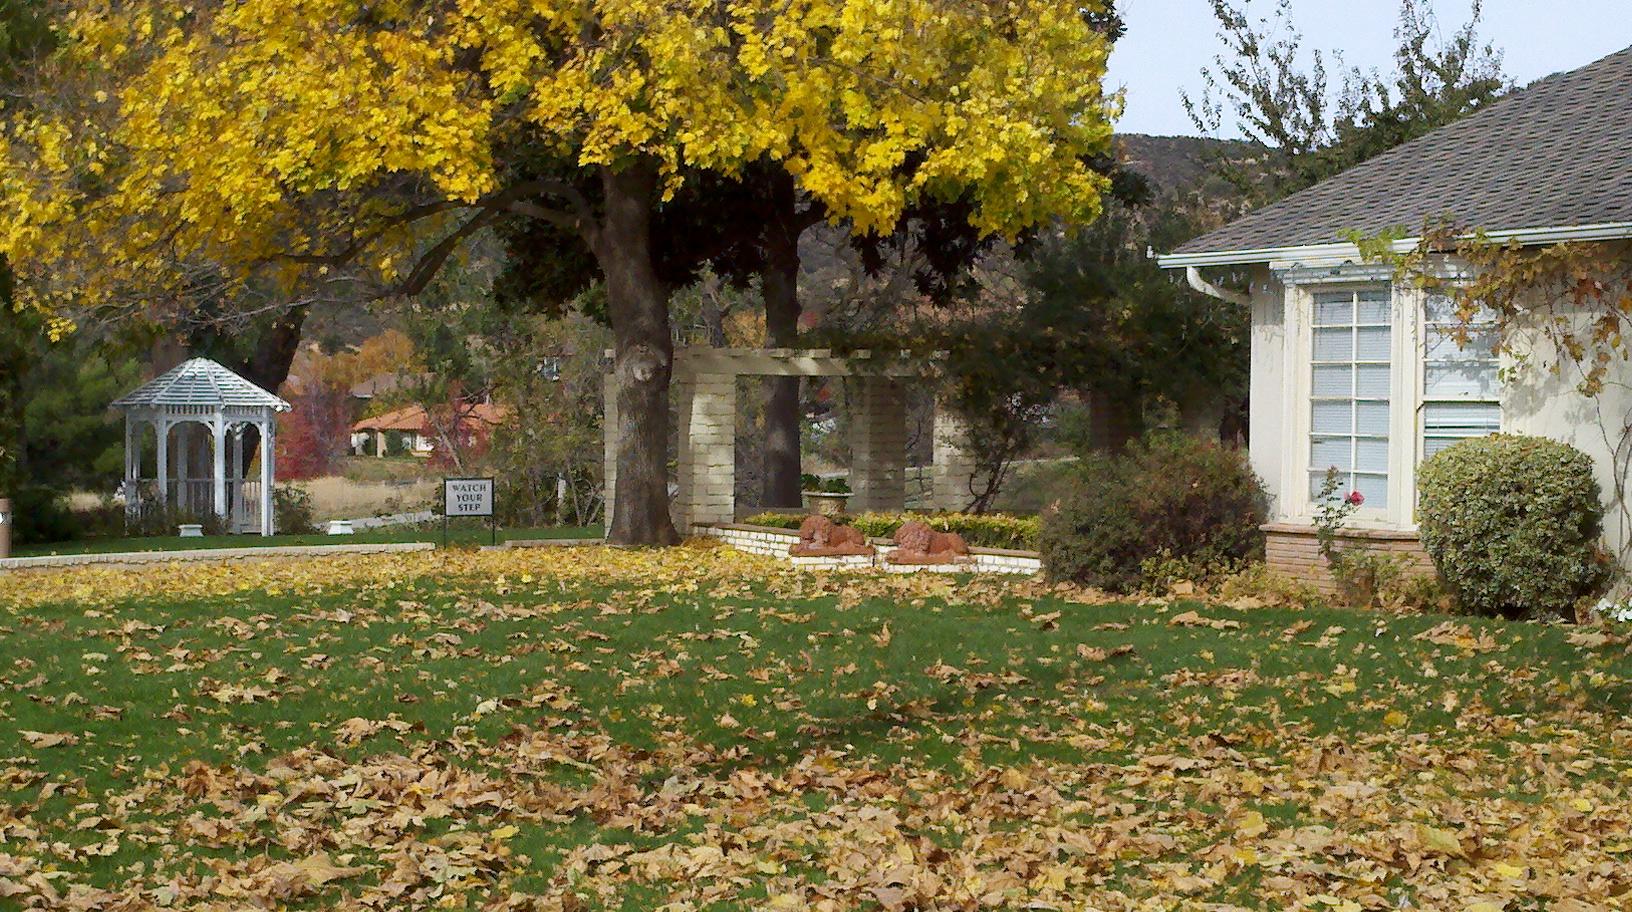 2011-11-28_09-50-43_228.jpg